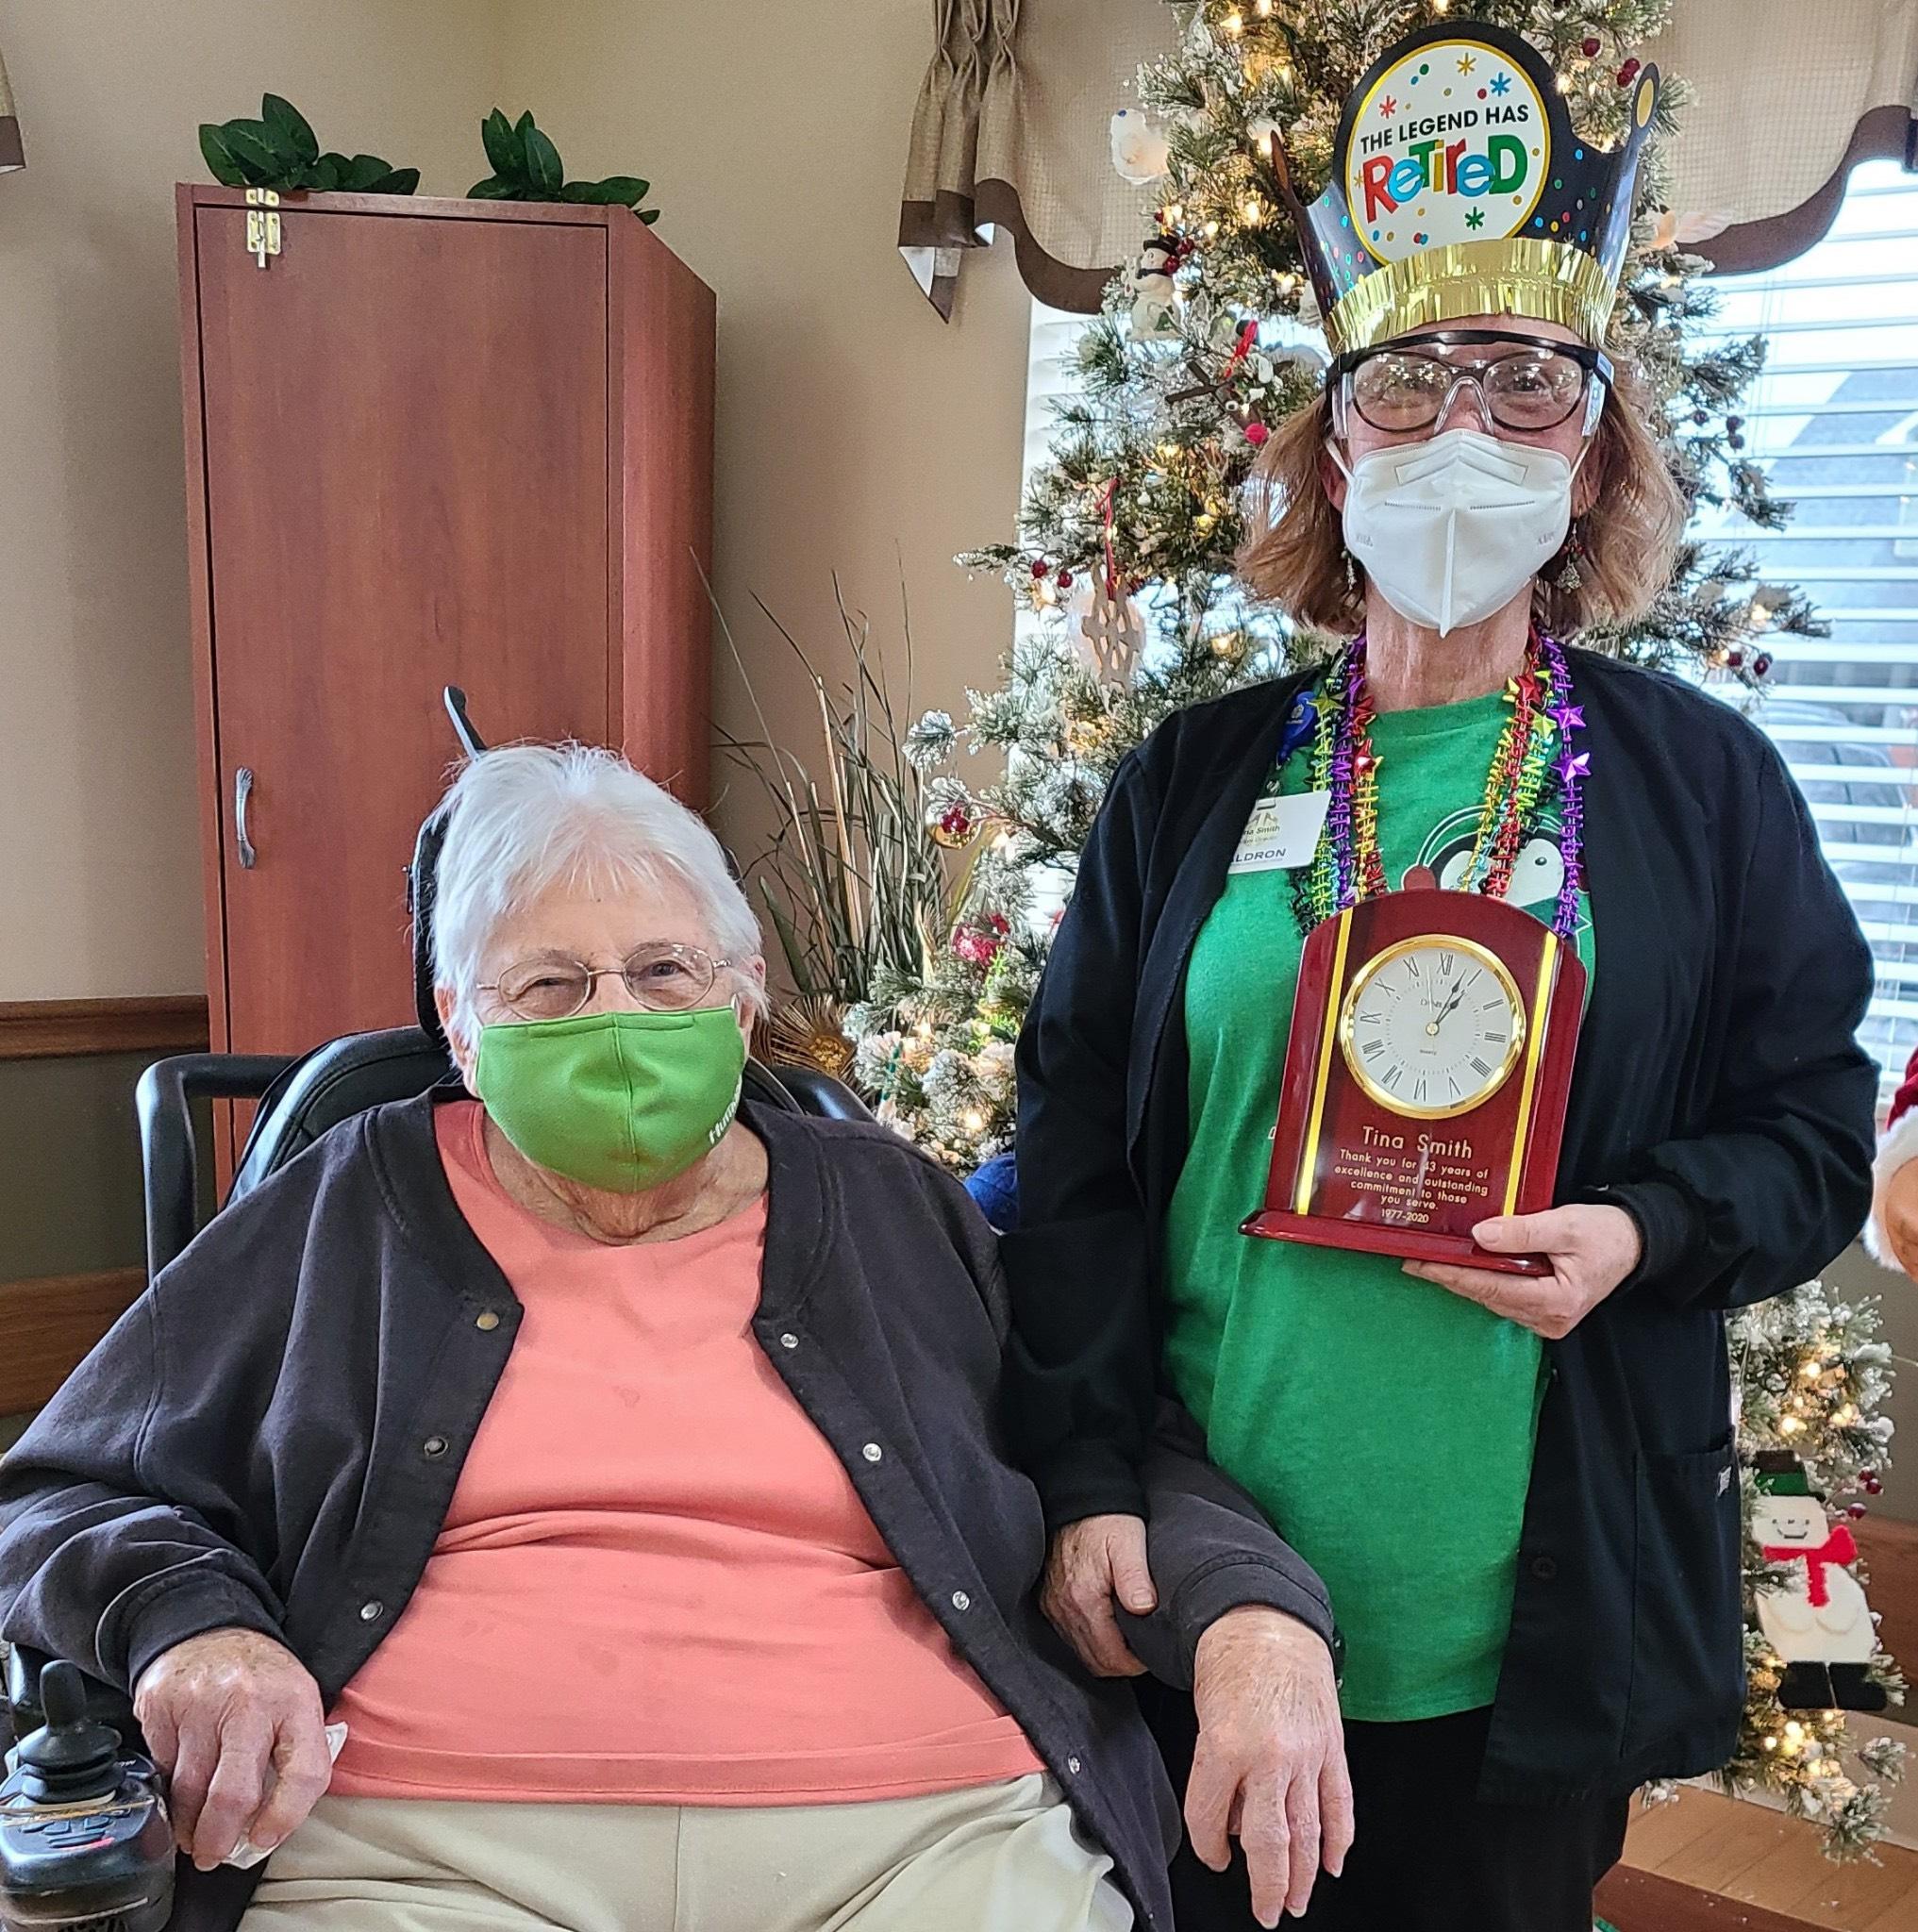 Waldron-Tina Smith & Resident-Retirement.jpeg